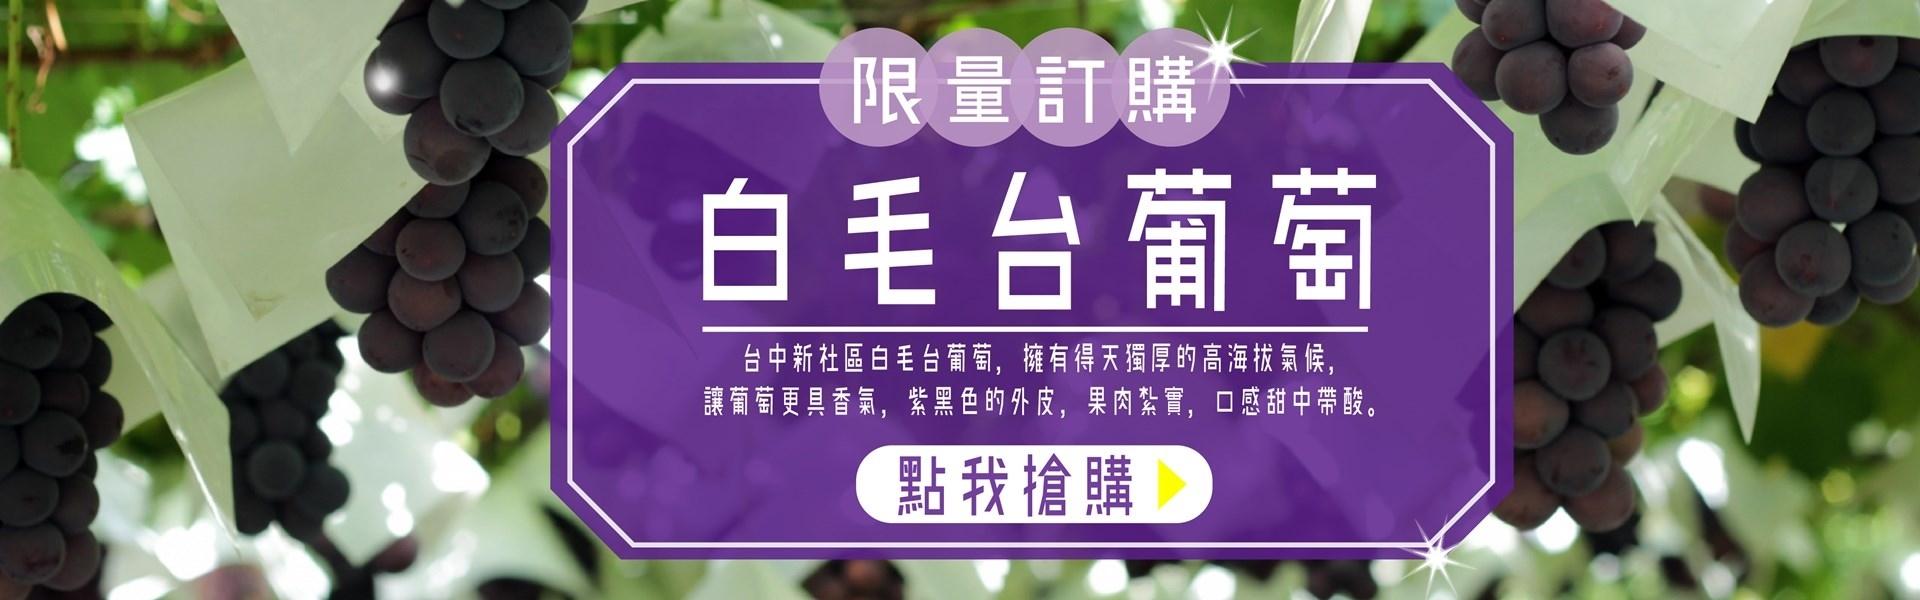 葡萄,禮盒,晴王,白毛台,無籽,加洲葡萄,女王頭,麝香葡萄